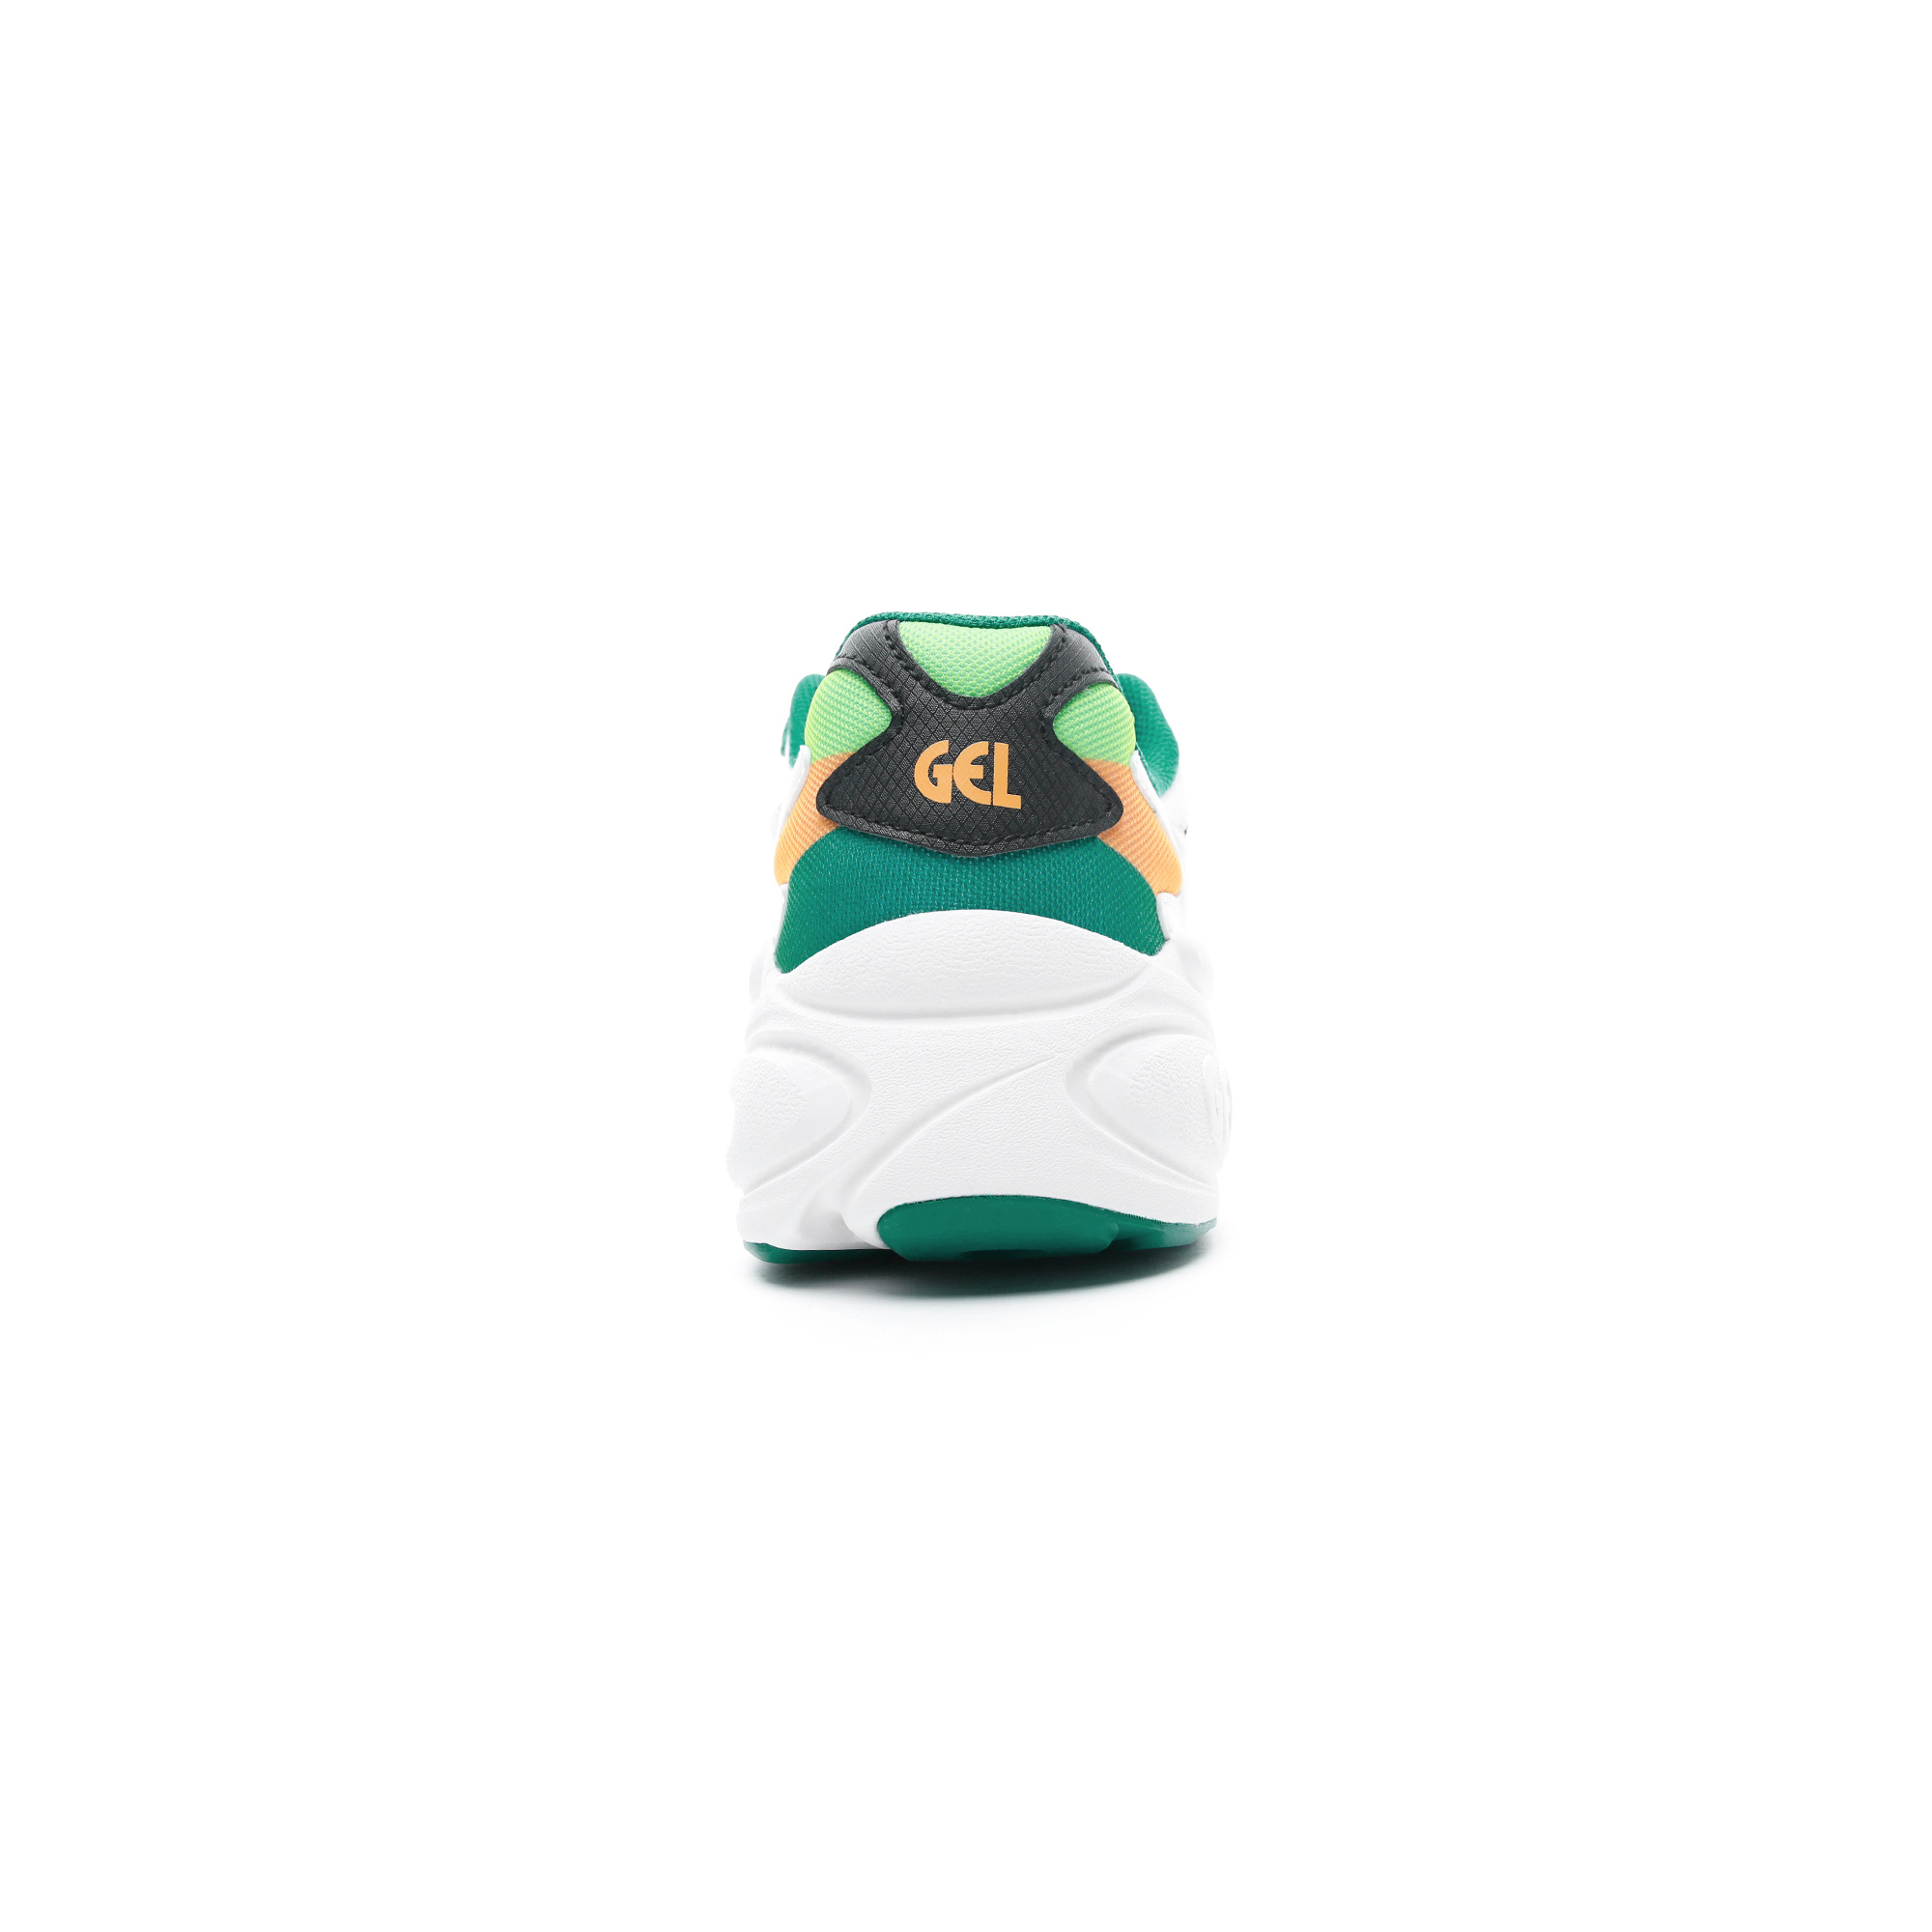 Asics Gel-BND Siyah - Beyaz Erkek Spor Ayakkabı